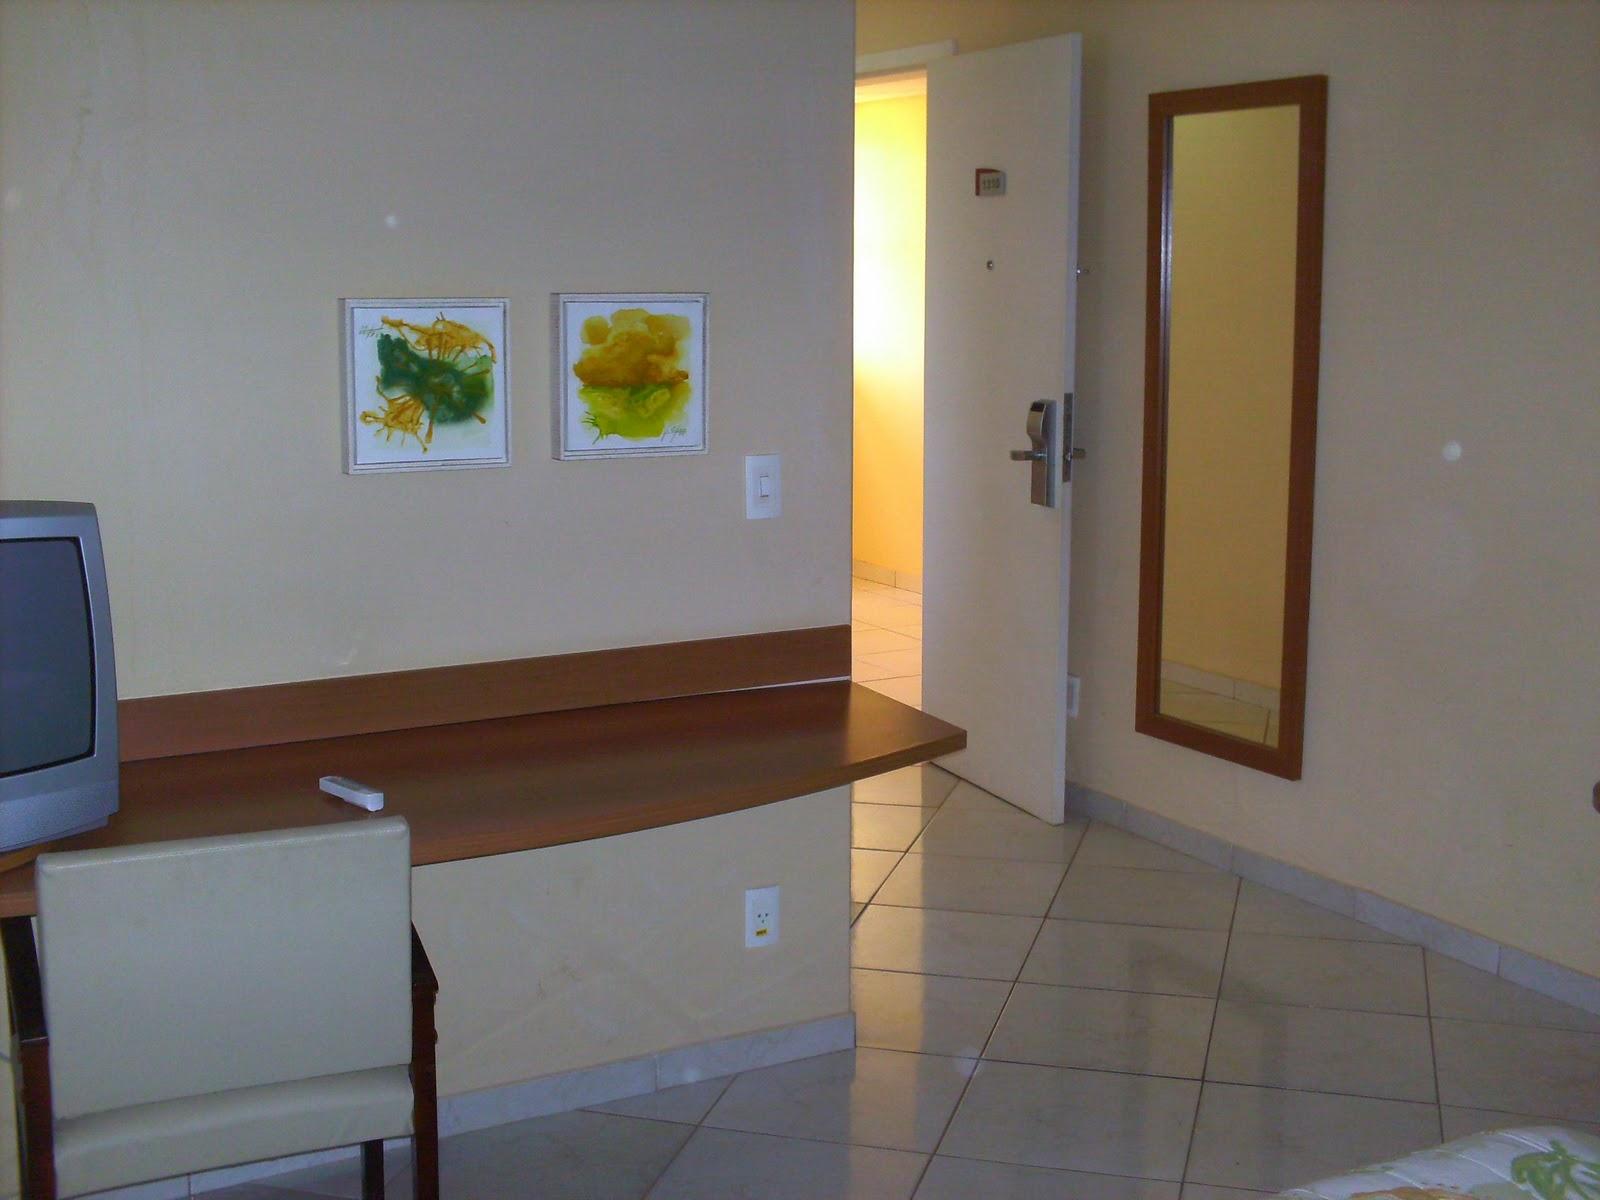 cama de casal banheiro com hidro massagem ante sala com sofá e tv #ABBB10 1600x1200 Banheiro Casal Com Hidro